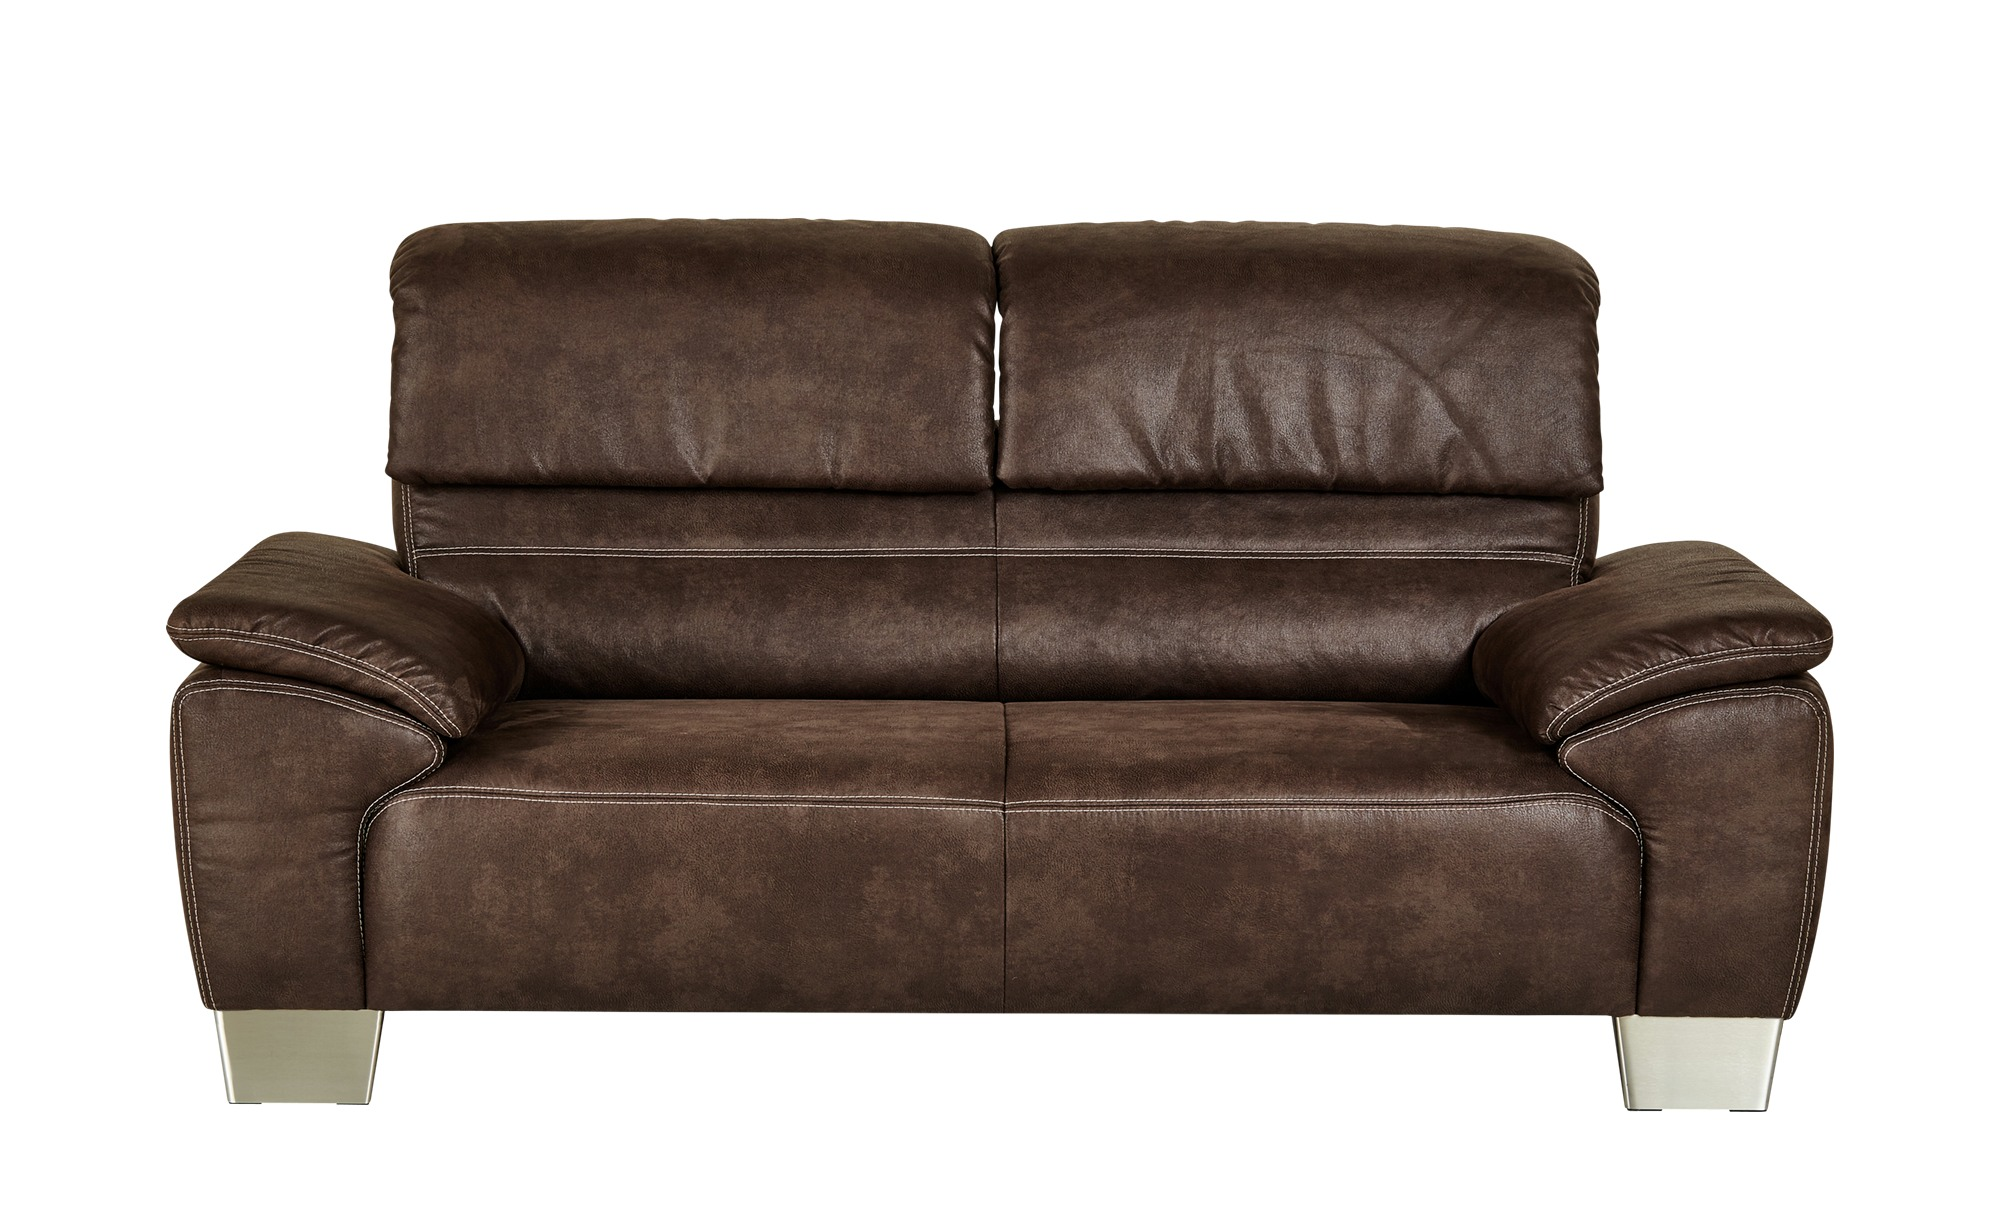 Full Size of Sofa 2 5 Sitzer Couch Leder Microfaser Landhausstil Relaxfunktion Stoff Mit Elektrisch Marilyn Hocker Natura Bett 180x200 Weiß Marken 140x200 Poco Benz Home Sofa Sofa 2 5 Sitzer